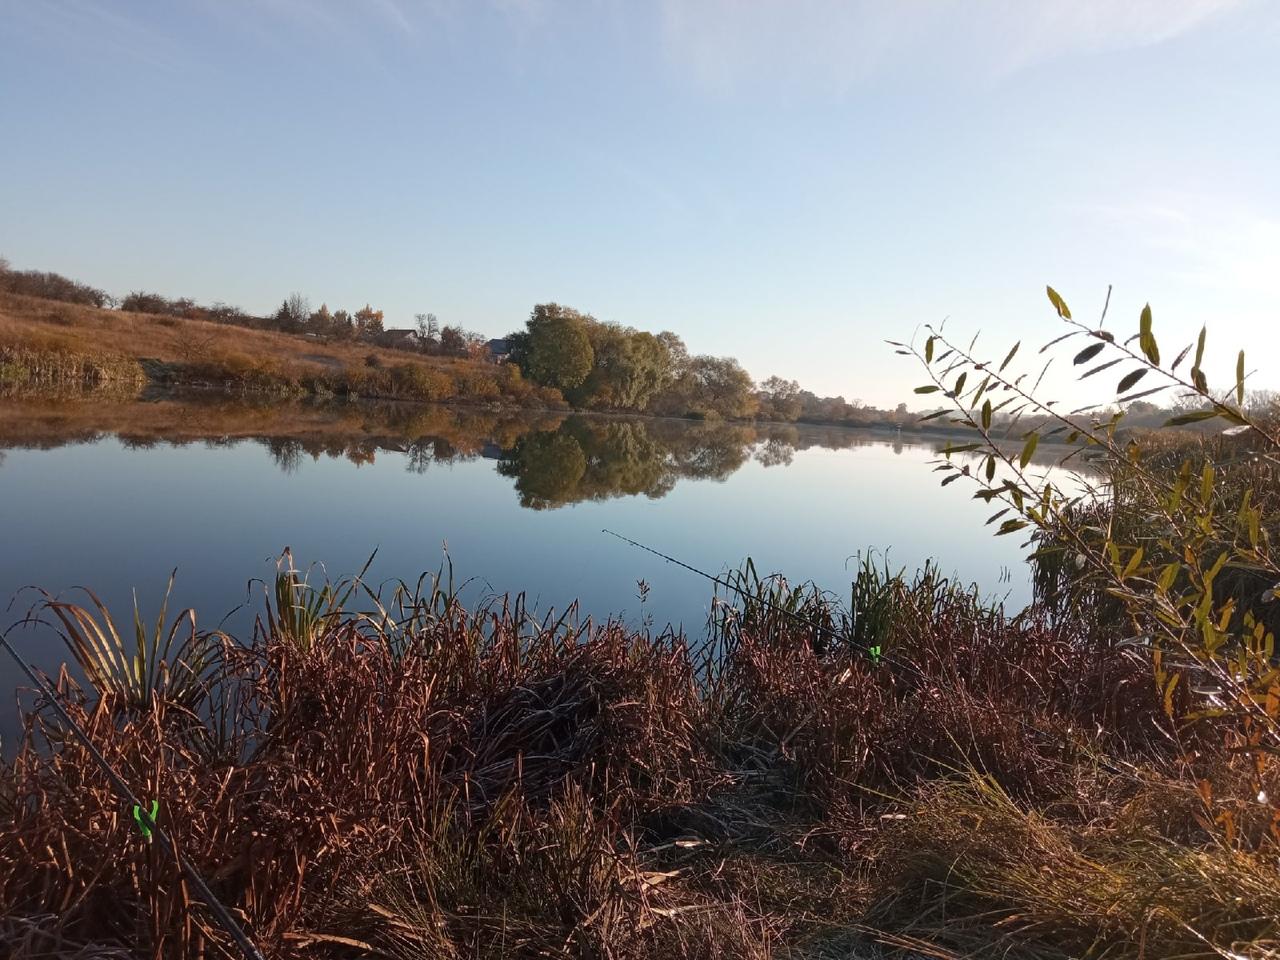 Отчет о рыбалке: Река Кирюкин — Свердловский район — Центральный федеральный округ, Орловская область